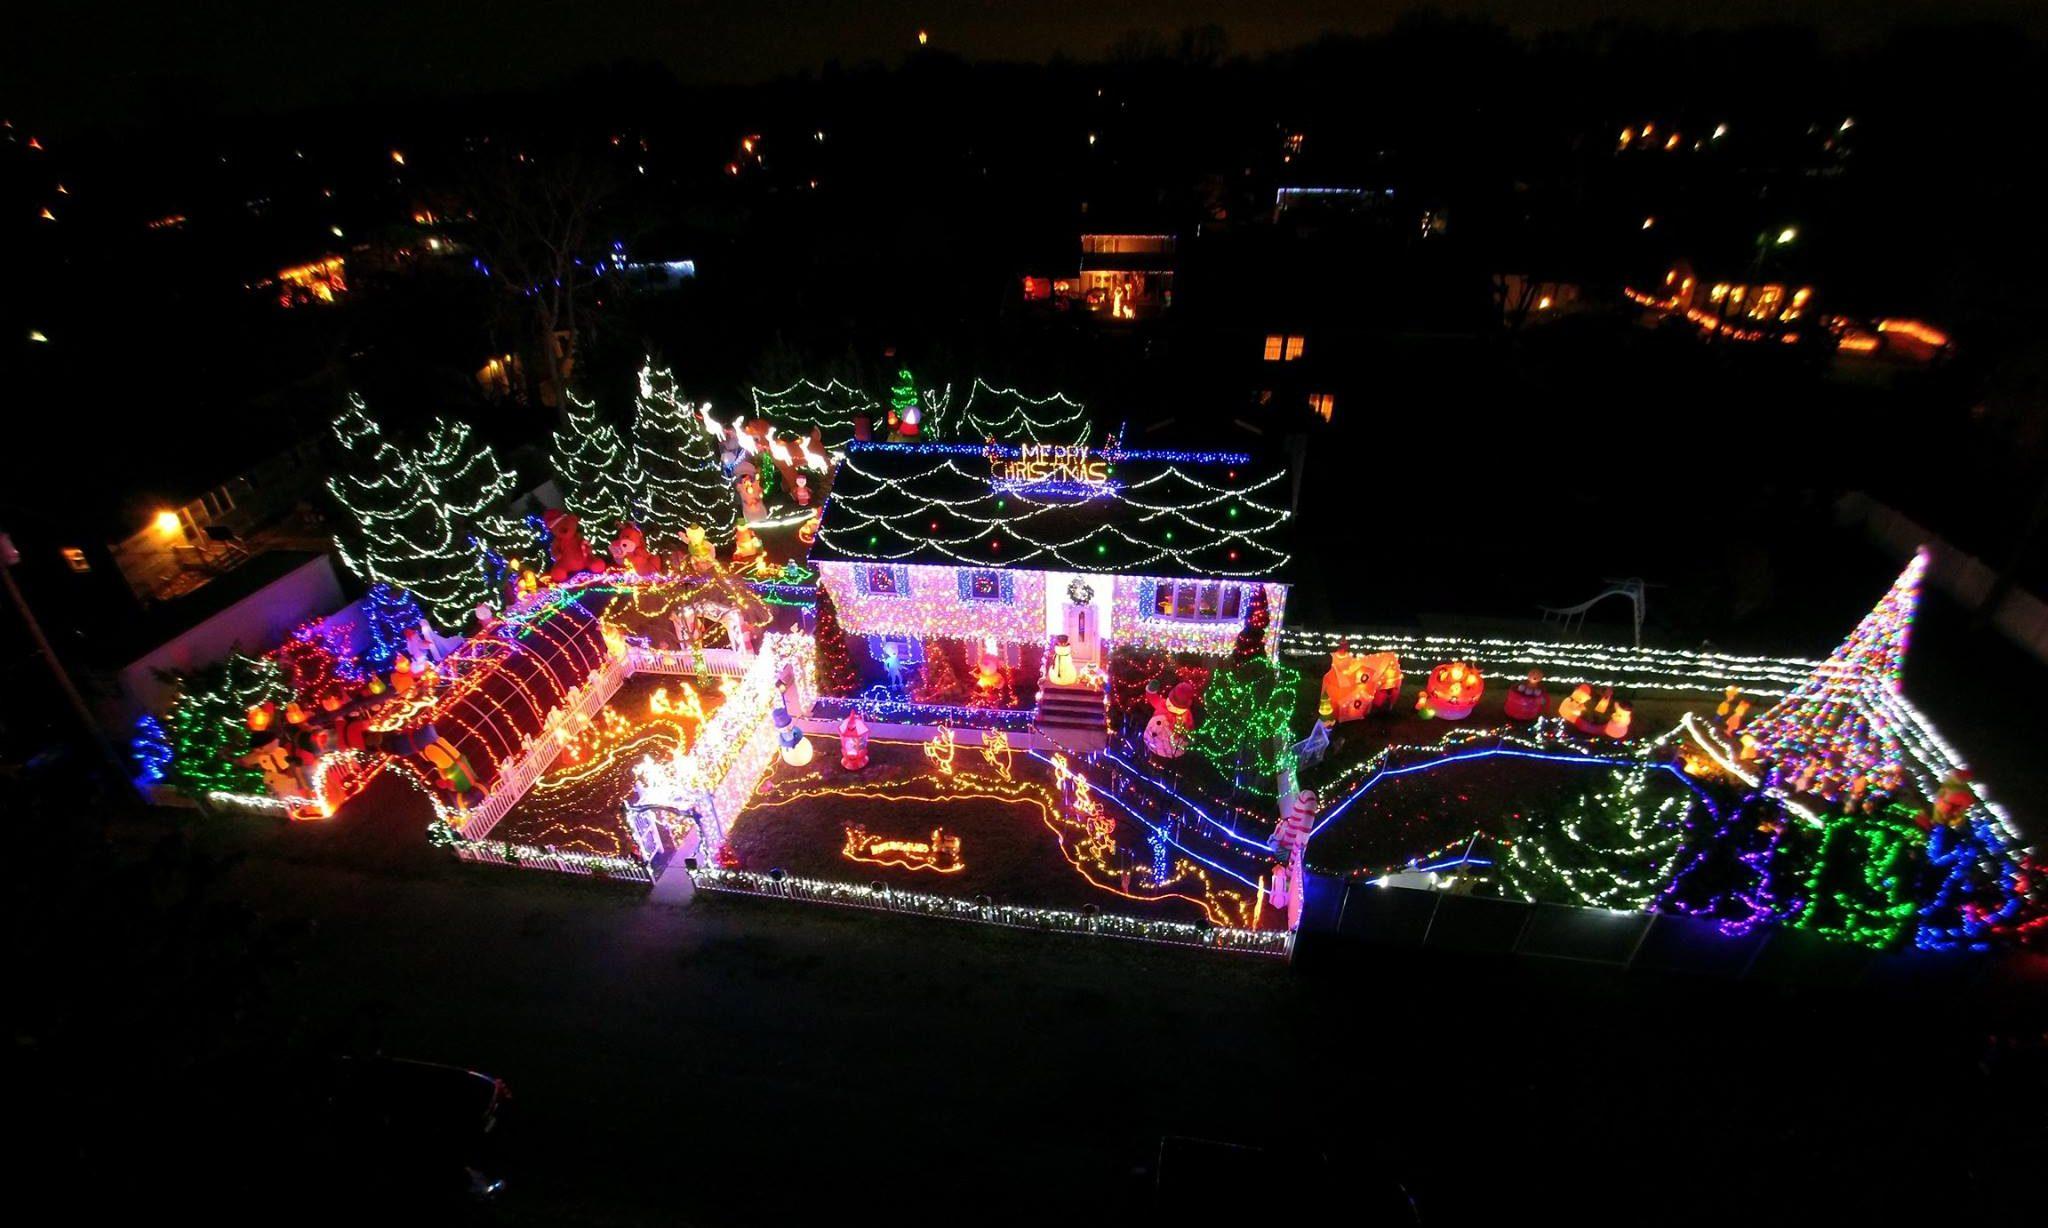 Tampa Christmas Lights